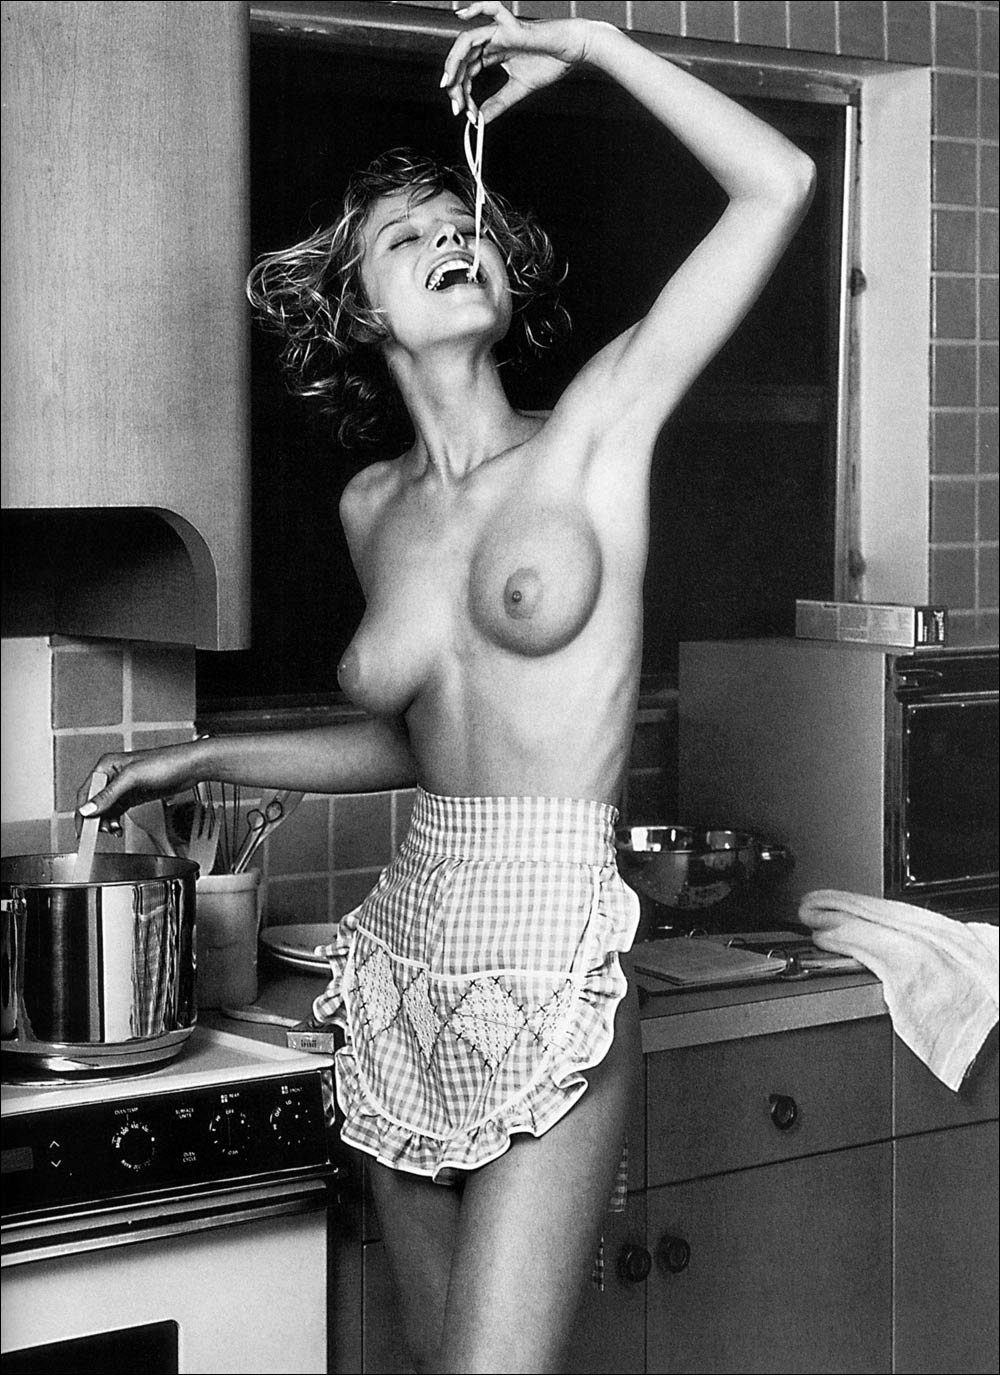 Фото голая женщина на кухне 15 фотография